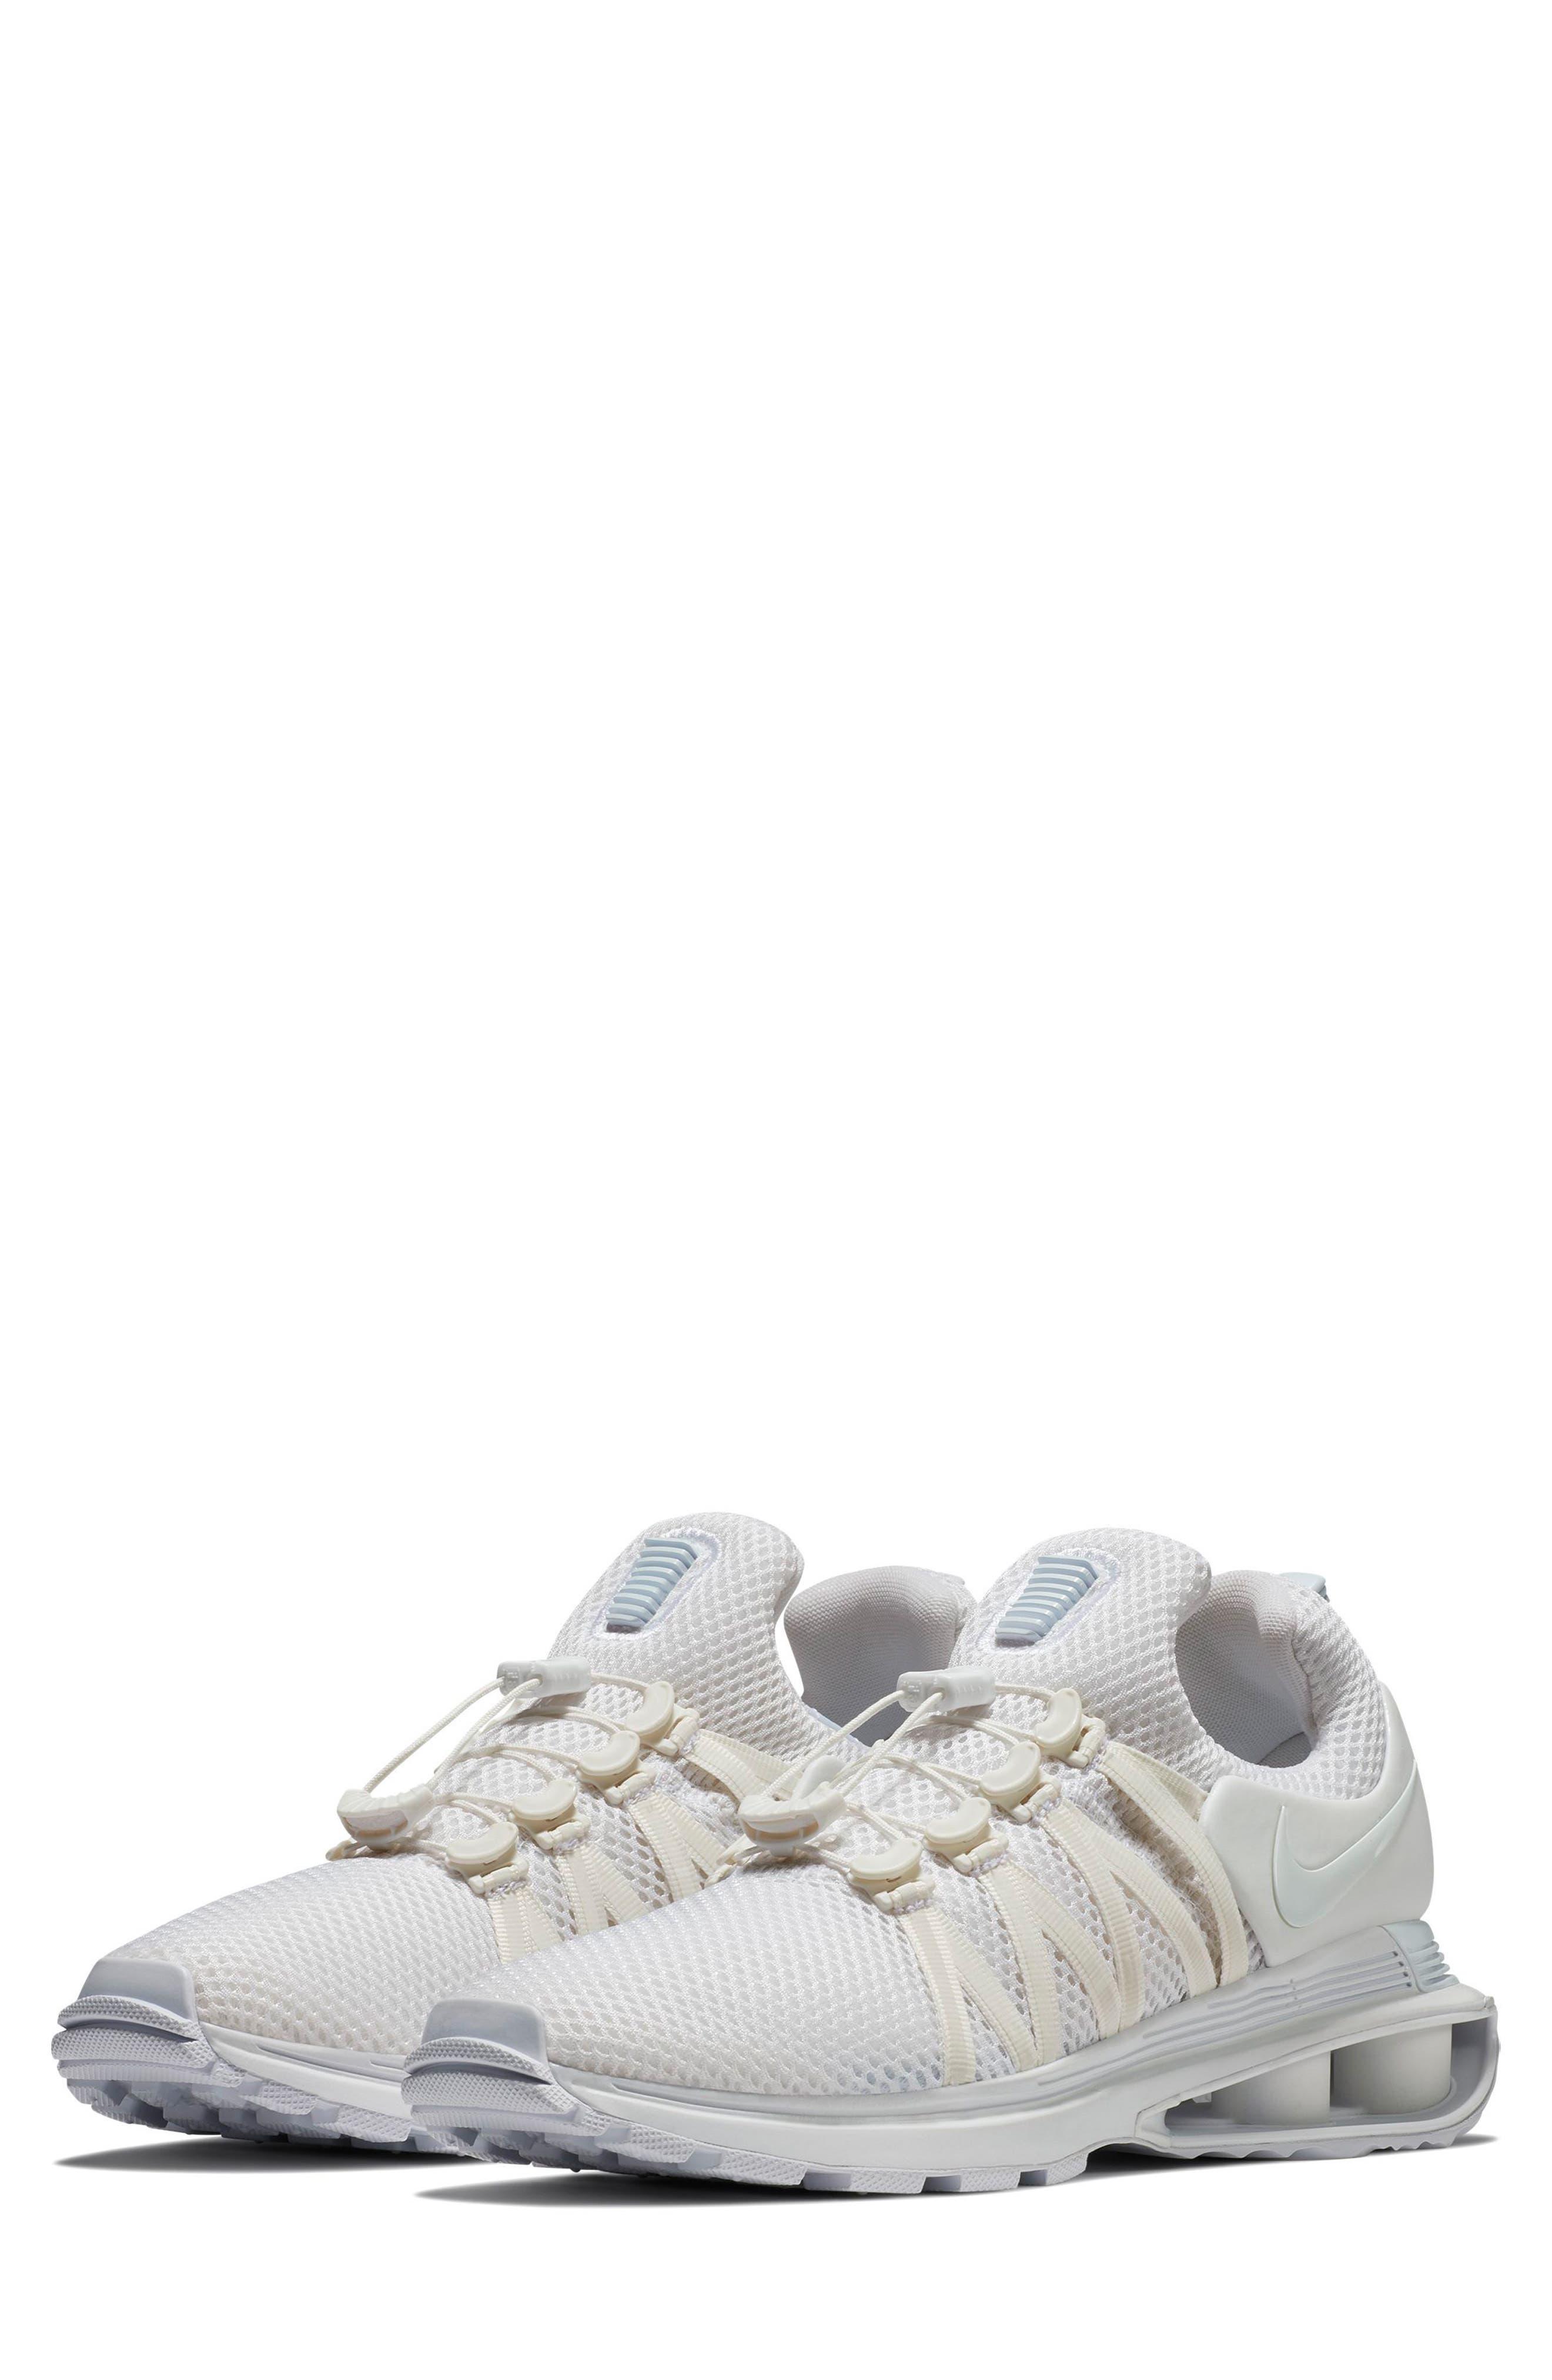 NIKE Shox Gravity Sneaker, Main, color, 100